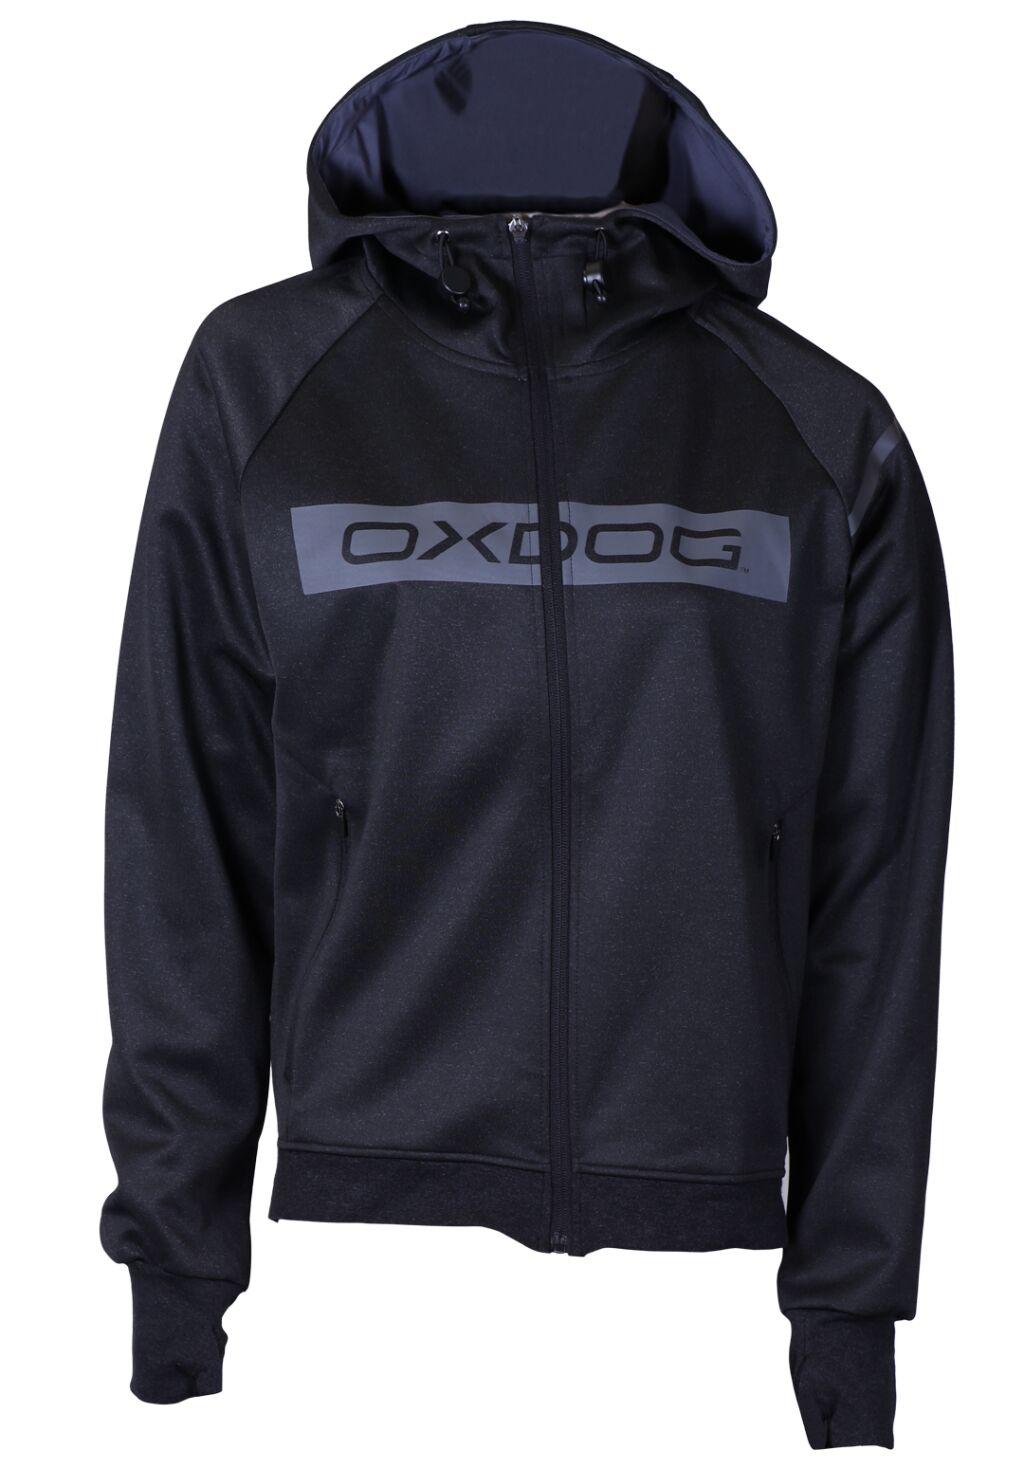 Oxdog Tech ladies Zip hood